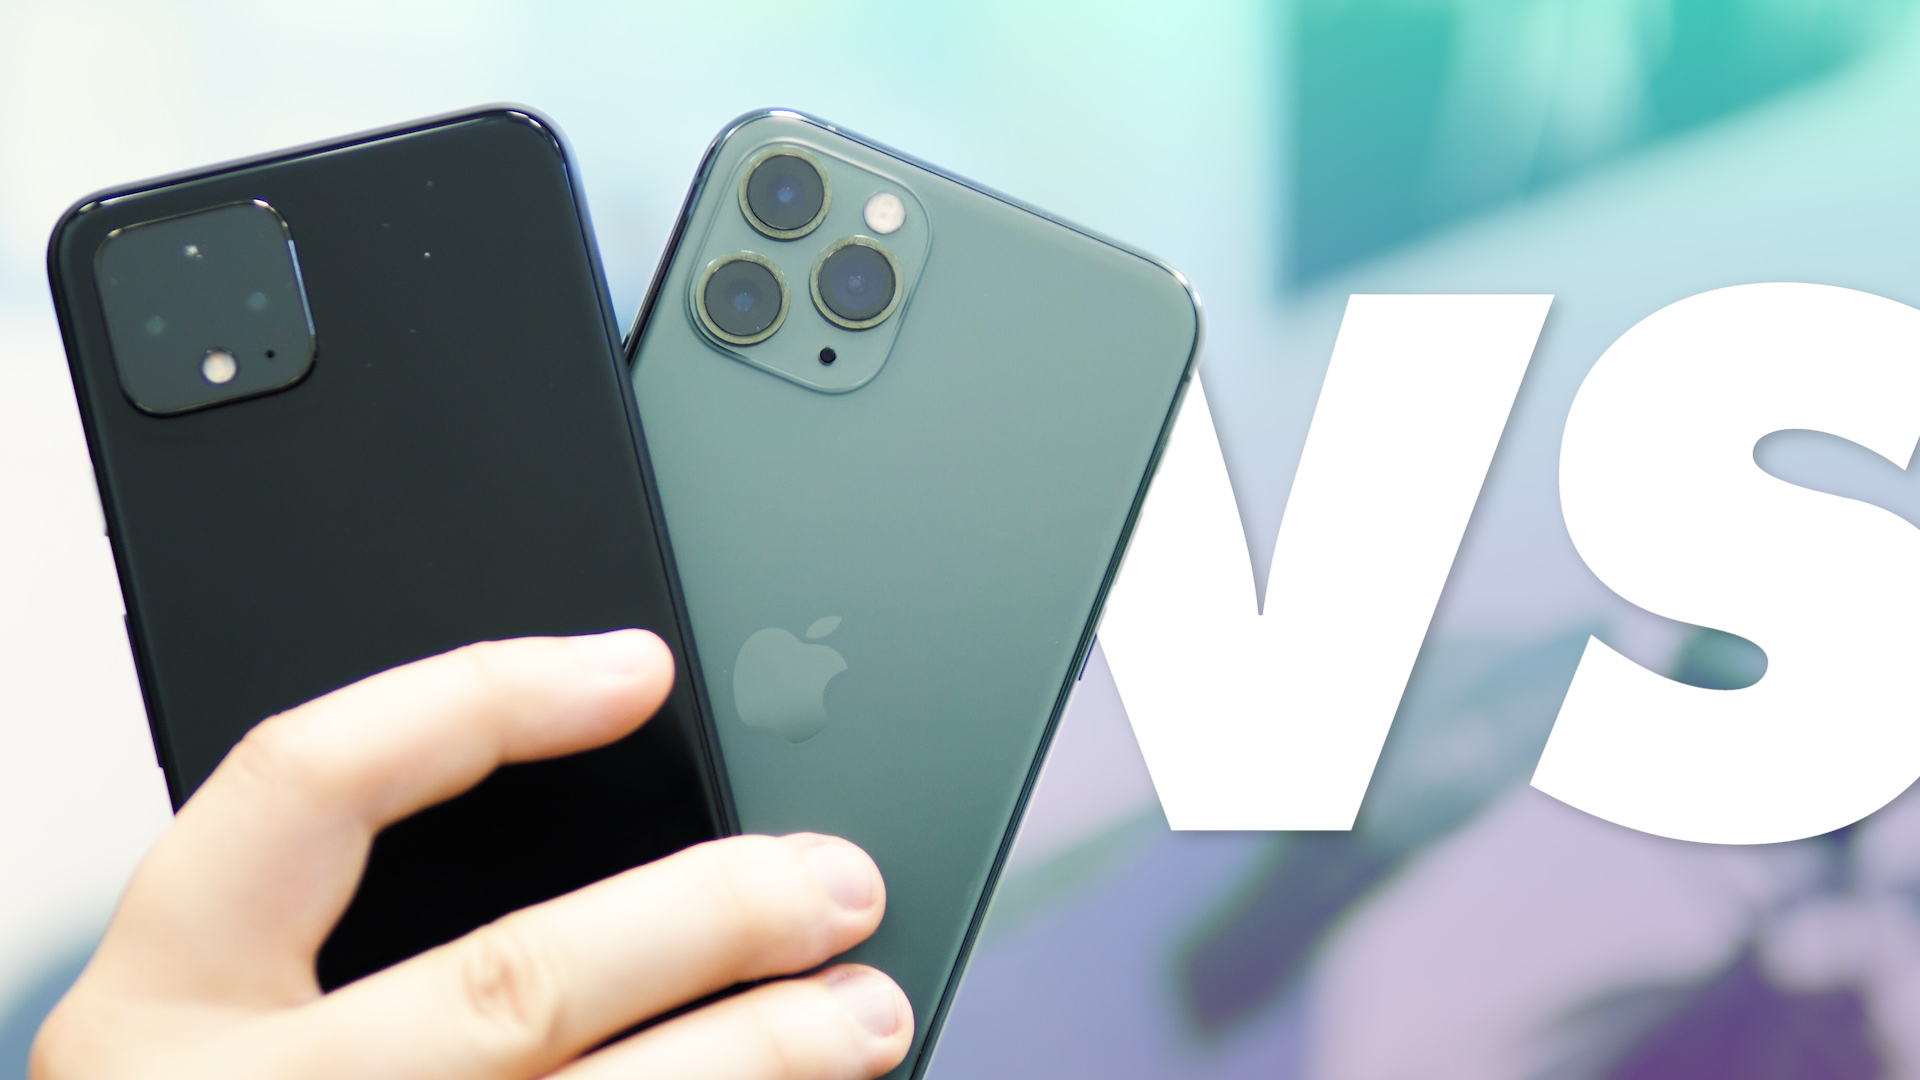 Pixel 4 vs iPhone 11 Pro : QUI EST LE PLUS FORT ? (COMPARATIF)